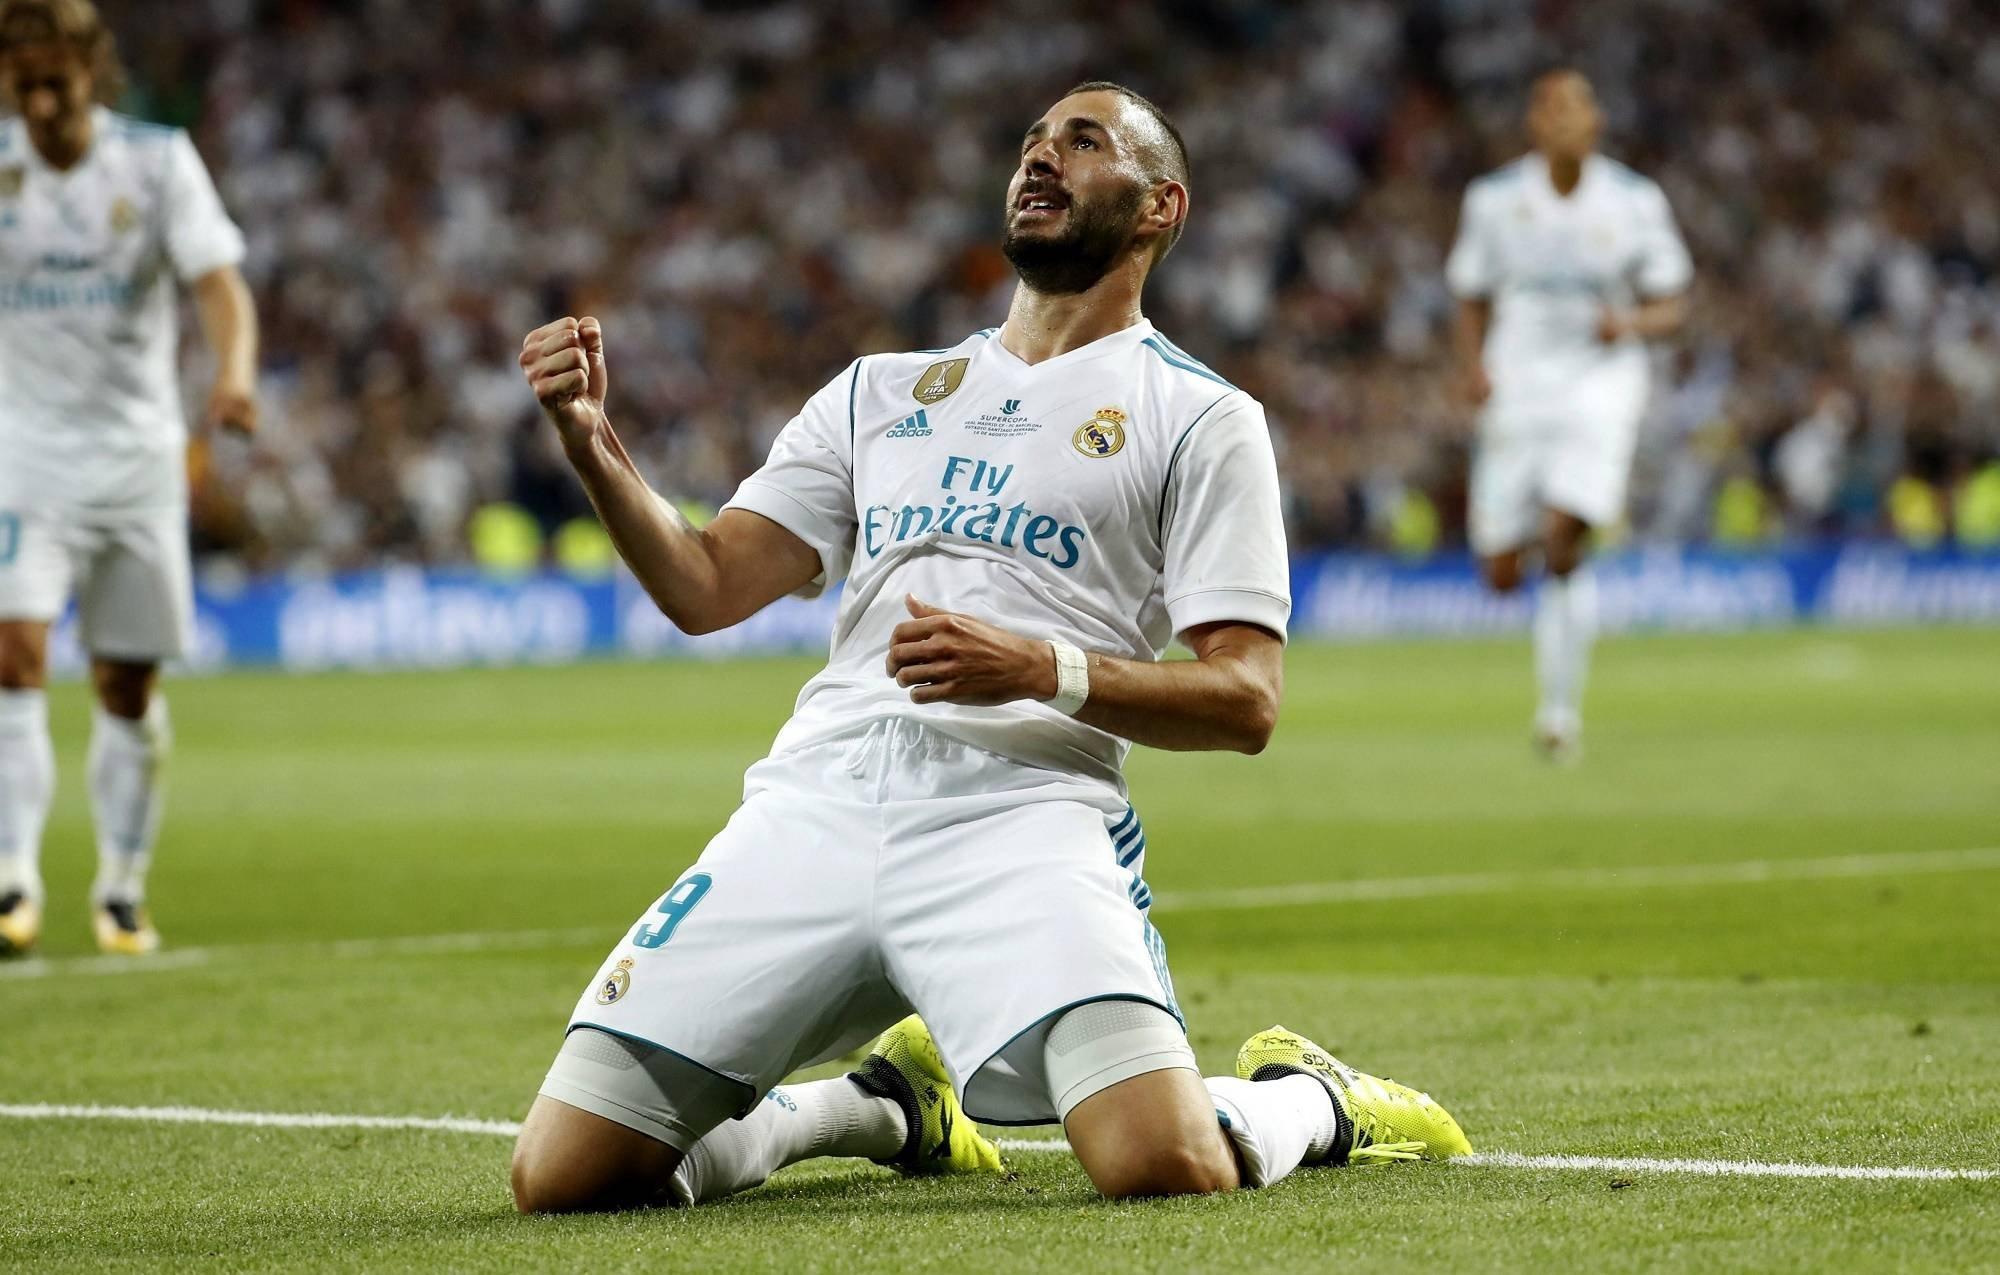 أهداف فوز ريال مدريد على أتلتيك بلباو